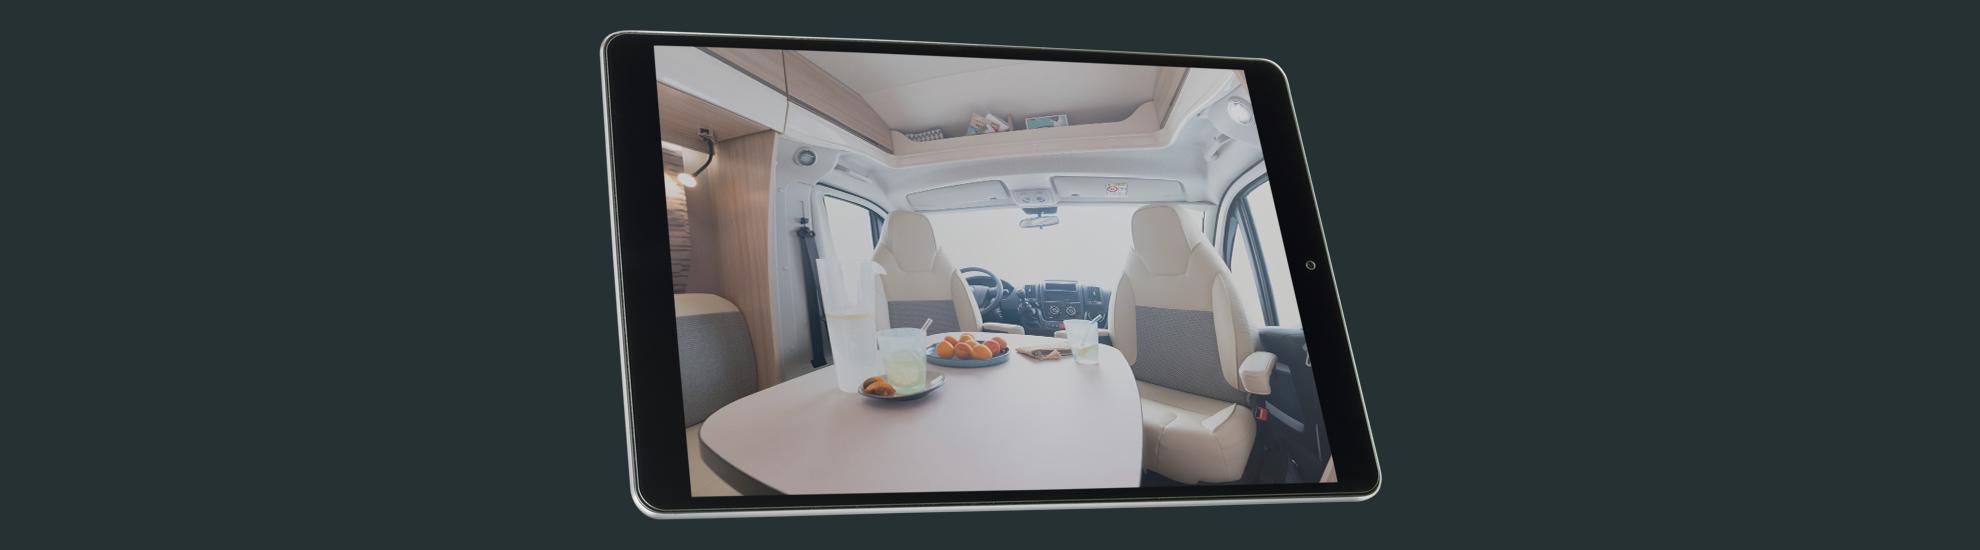 Fleurette Florium - Visites Virtuelles 360 - Camping Car